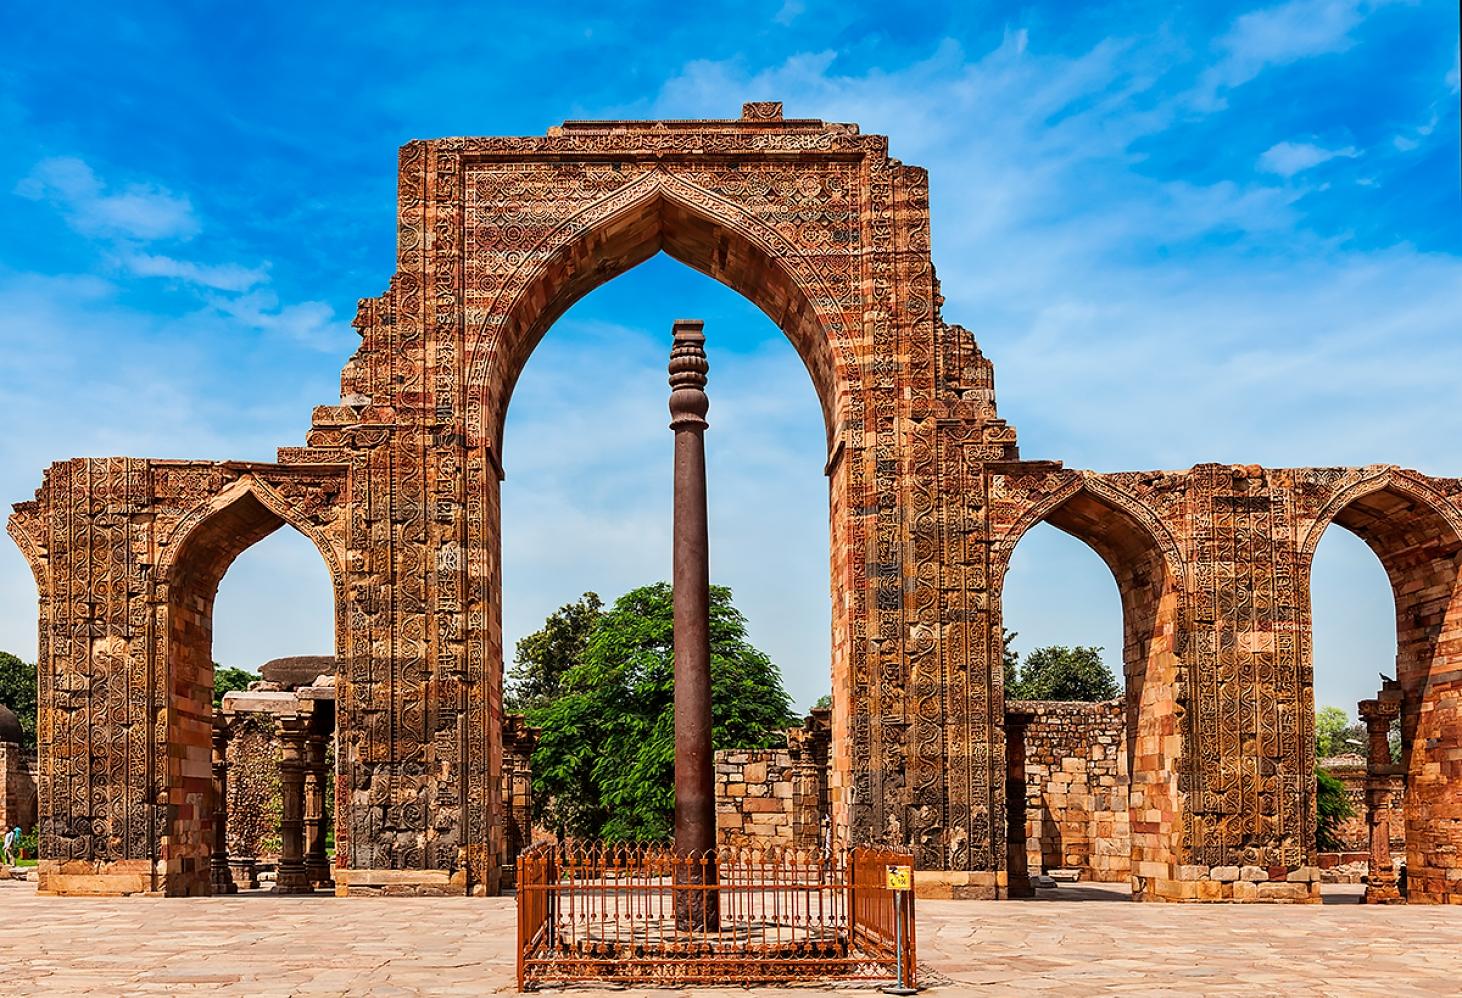 Железная колонна в Дели, Индия